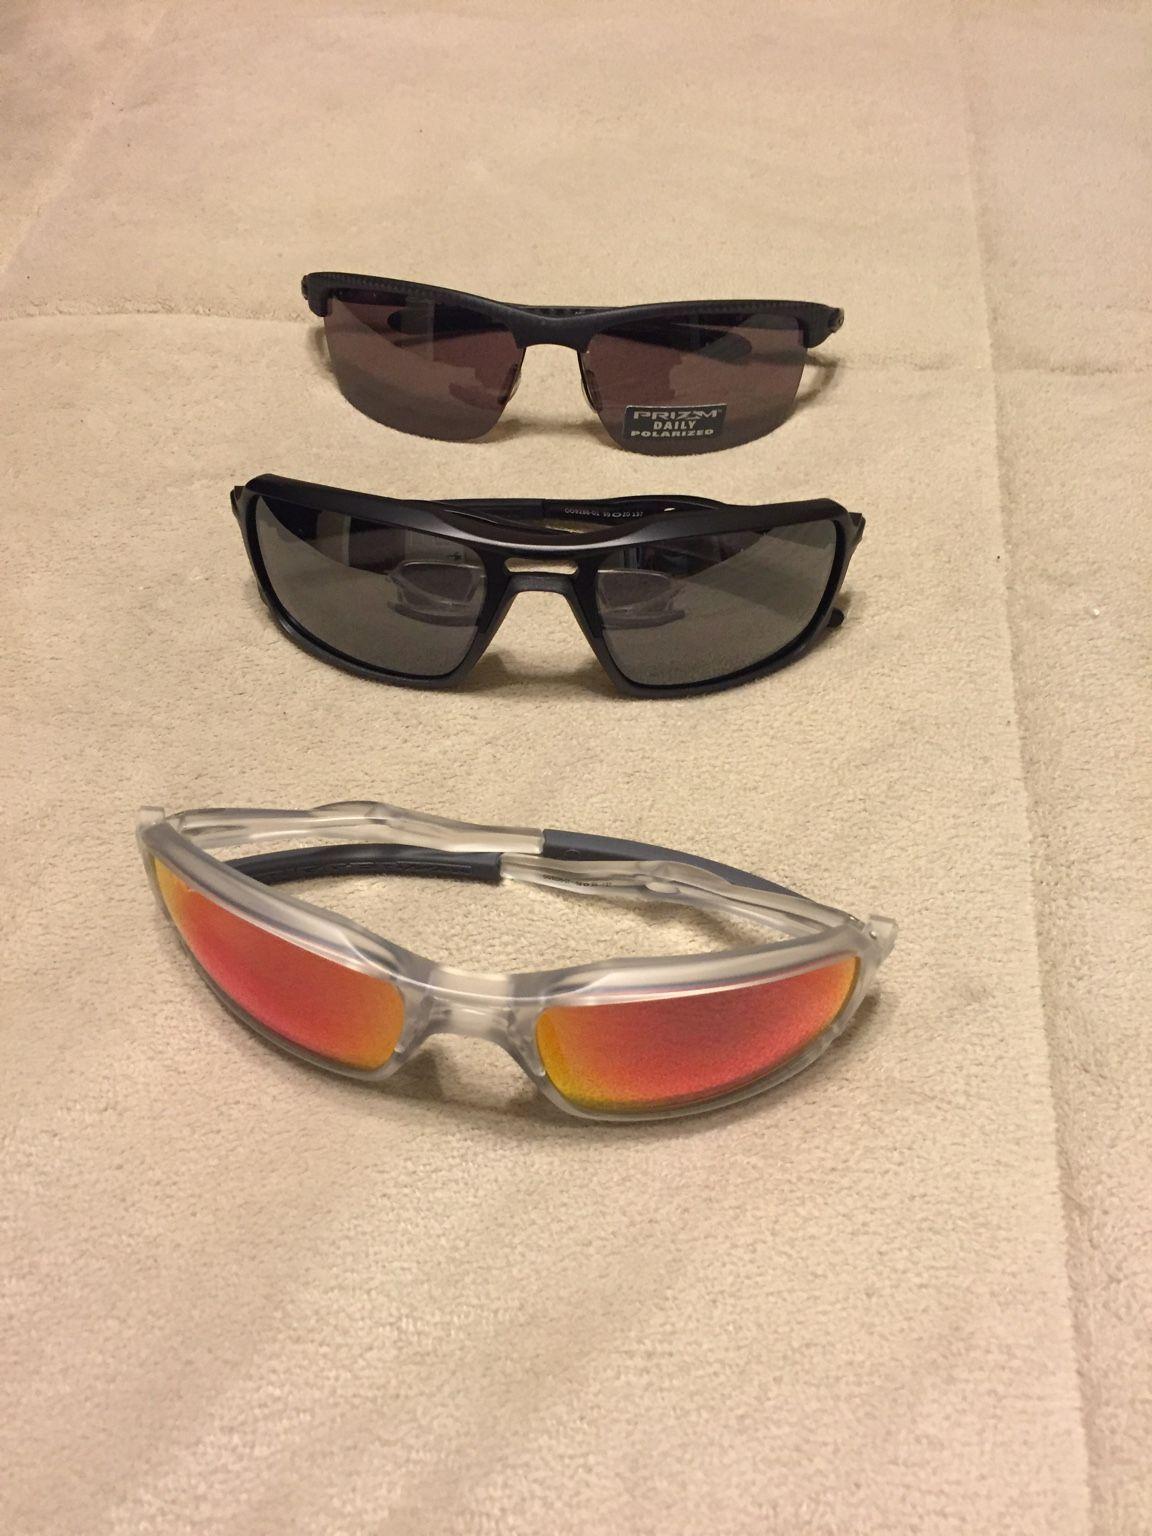 BOGO!!!!!  NEW ADDS!!! Buy one get one (=\<) HALF off!!!!! - 8d01fe1fb112ae1a6562d6ef54f3465b.jpg